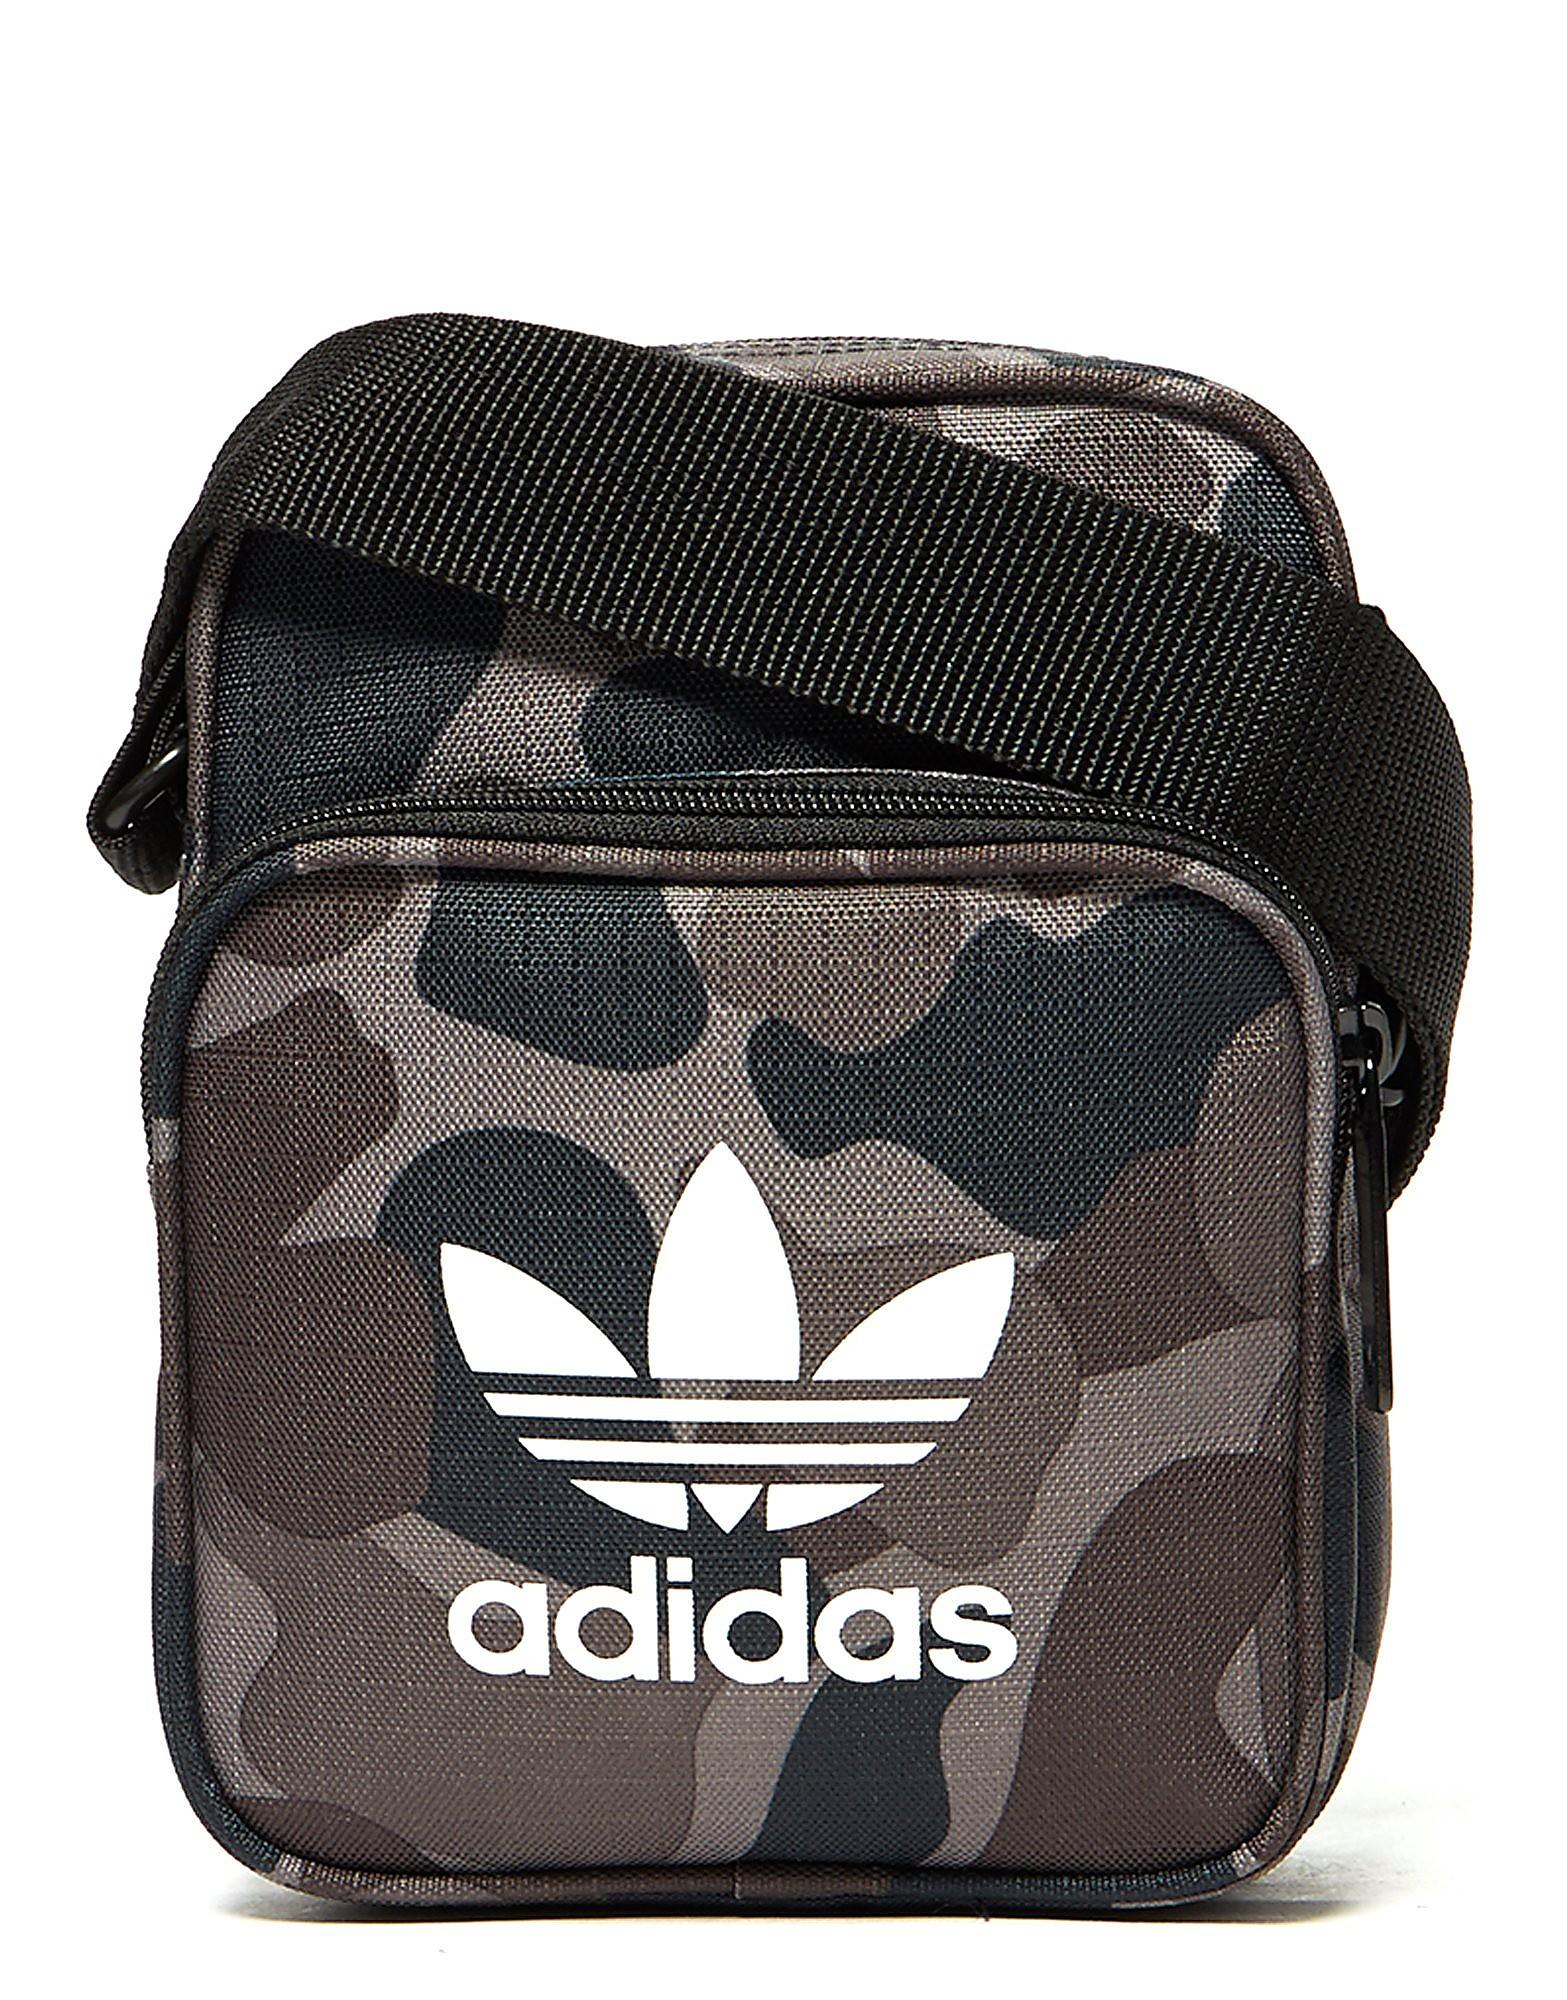 adidas Originals Camo Small Items Bag